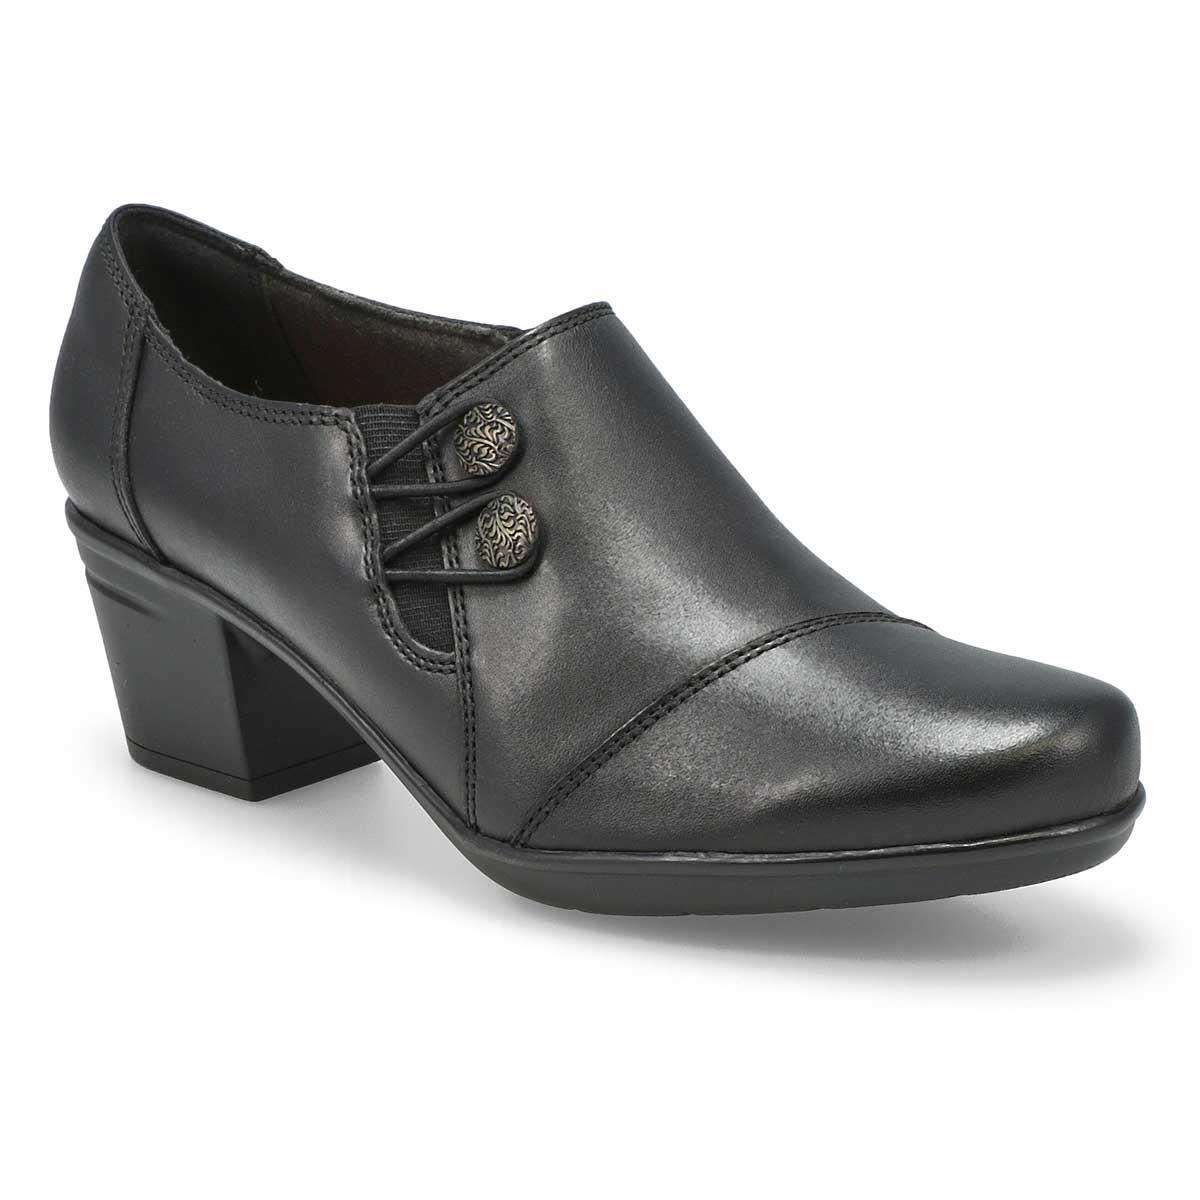 Chaussures habillées EMSLIE WARREN, noir, femmes